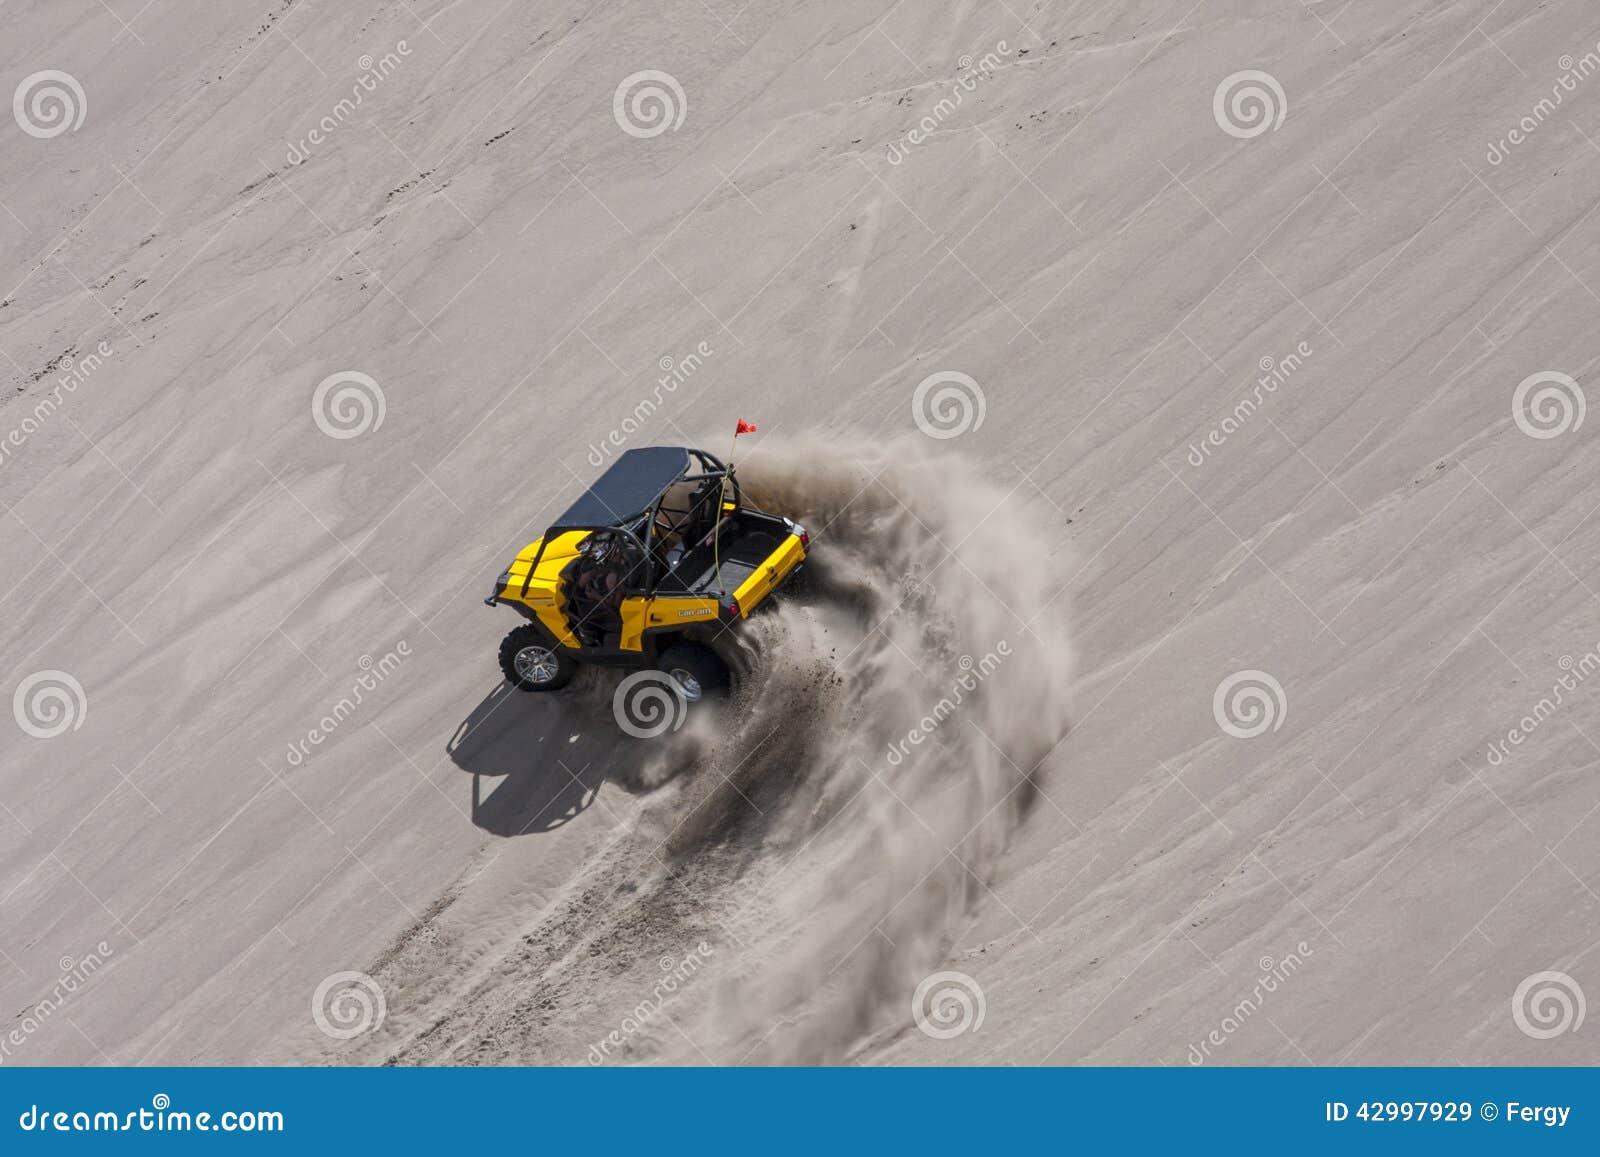 Желтая сторона - мимо - бортовые дефектные гонки мимо в песчанных дюнах